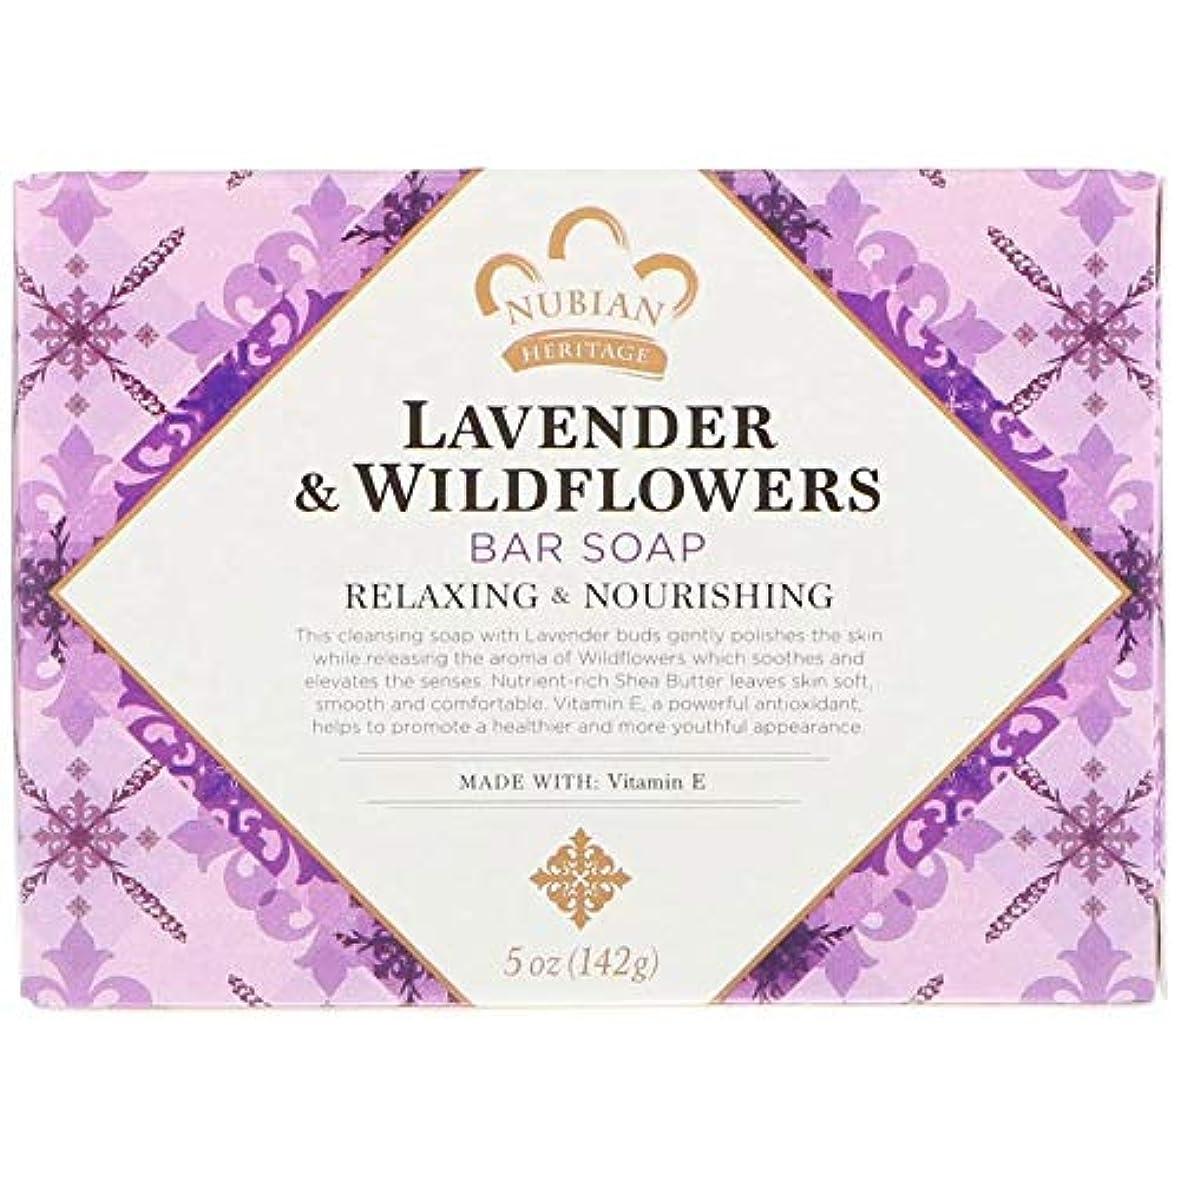 機械コインランドリー種類シアバターソープ石鹸 ラベンダー&ワイルドフラワー Lavender & Wildflowers Bar Soap, 5 oz (142 g) [並行輸入品]